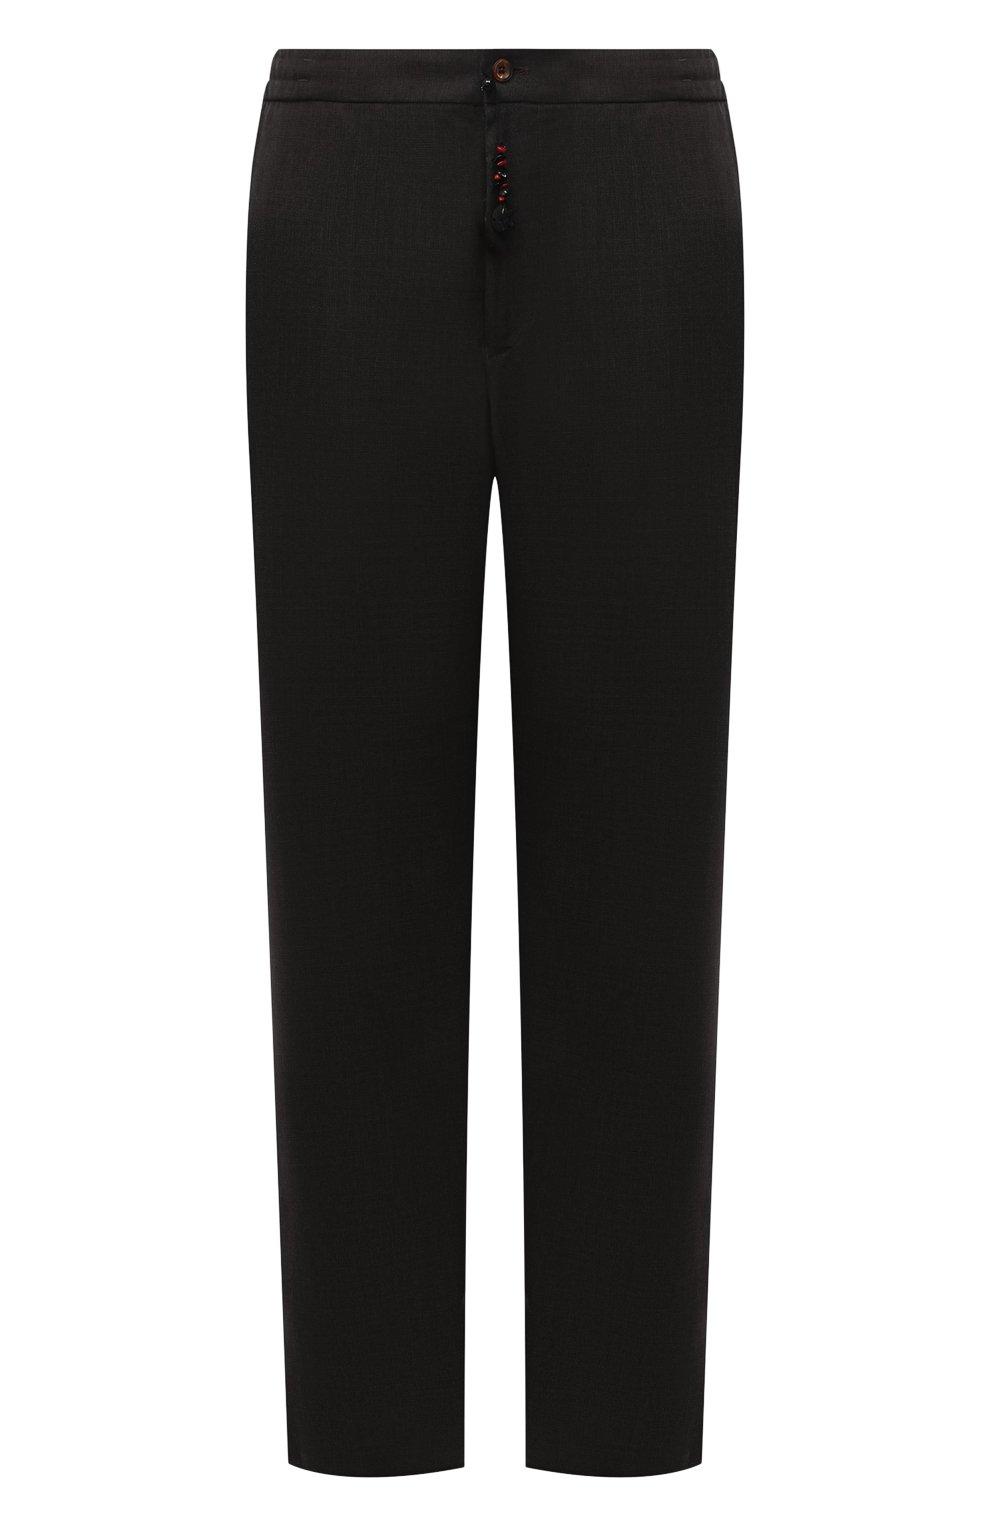 Мужские кашемировые брюки MARCO PESCAROLO темно-зеленого цвета, арт. CHIAIAM/ZIP+SFILA/4442   Фото 1 (Материал внешний: Шерсть, Кашемир; Длина (брюки, джинсы): Стандартные; Случай: Повседневный; Стили: Кэжуэл)